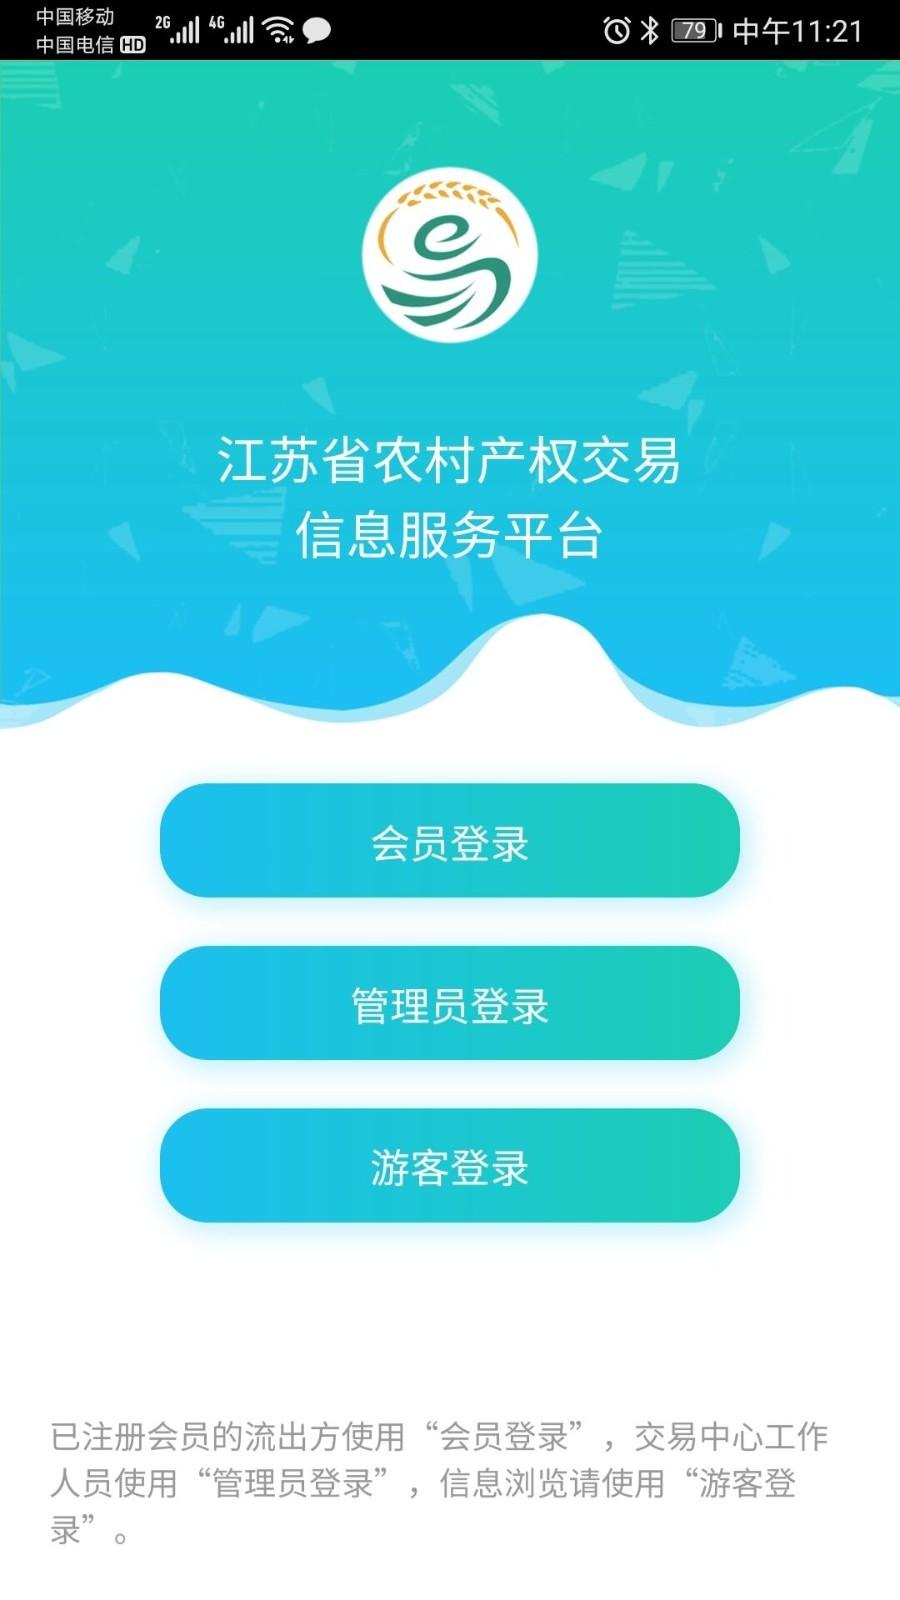 江苏农村产权app截图1